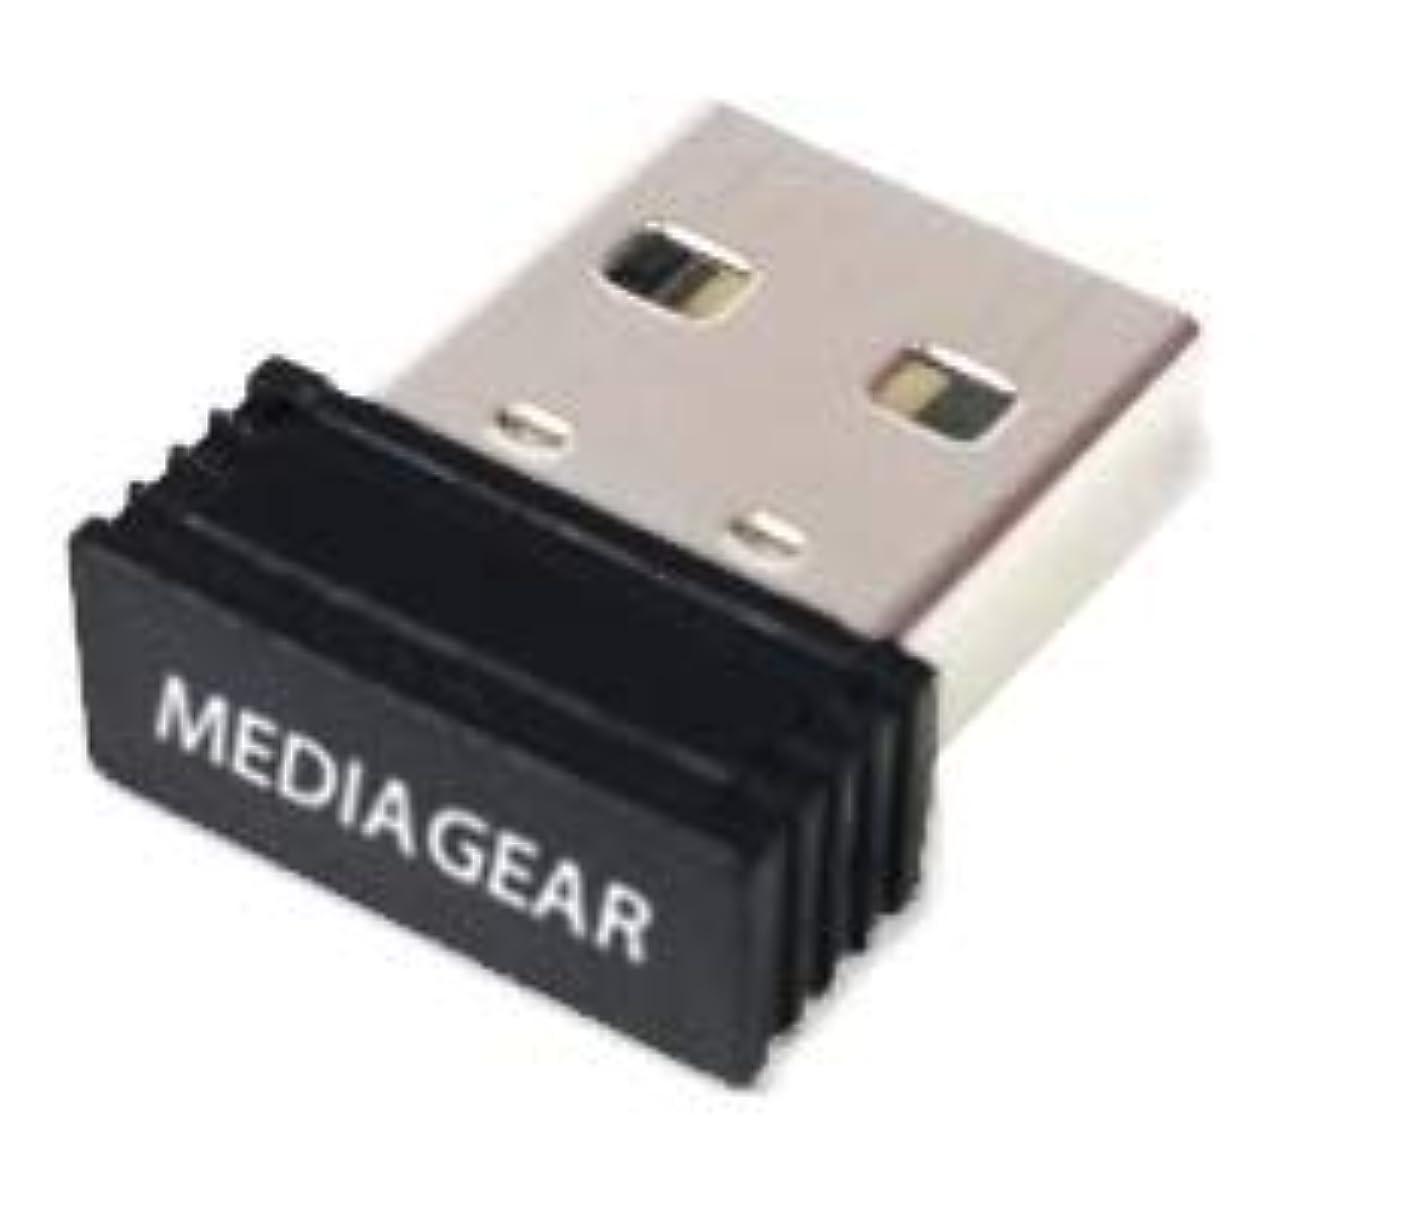 倒錯コールド説教するPCブリッジアダプタ – シームレスPC用ソフトウェア。モバイルまたはスマートフォンからWindowsデスクトップまたはノートパソコンへ。画像、写真、ビデオ、コンタクト、テキストなどの大きなファイル転送。